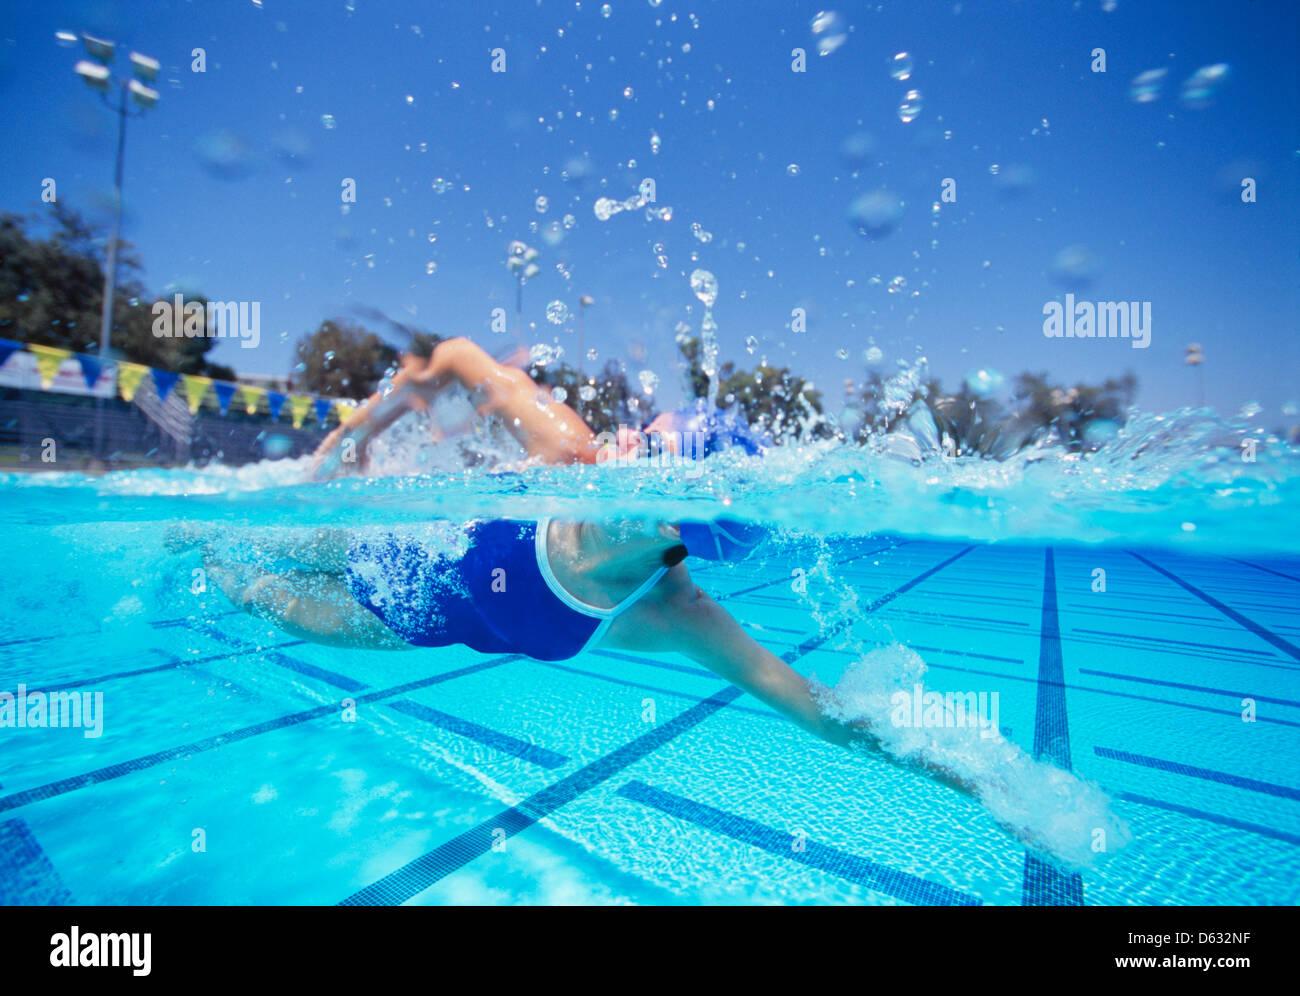 Nuotatore femminile negli Stati Uniti il costume da bagno a nuotare in piscina Immagini Stock